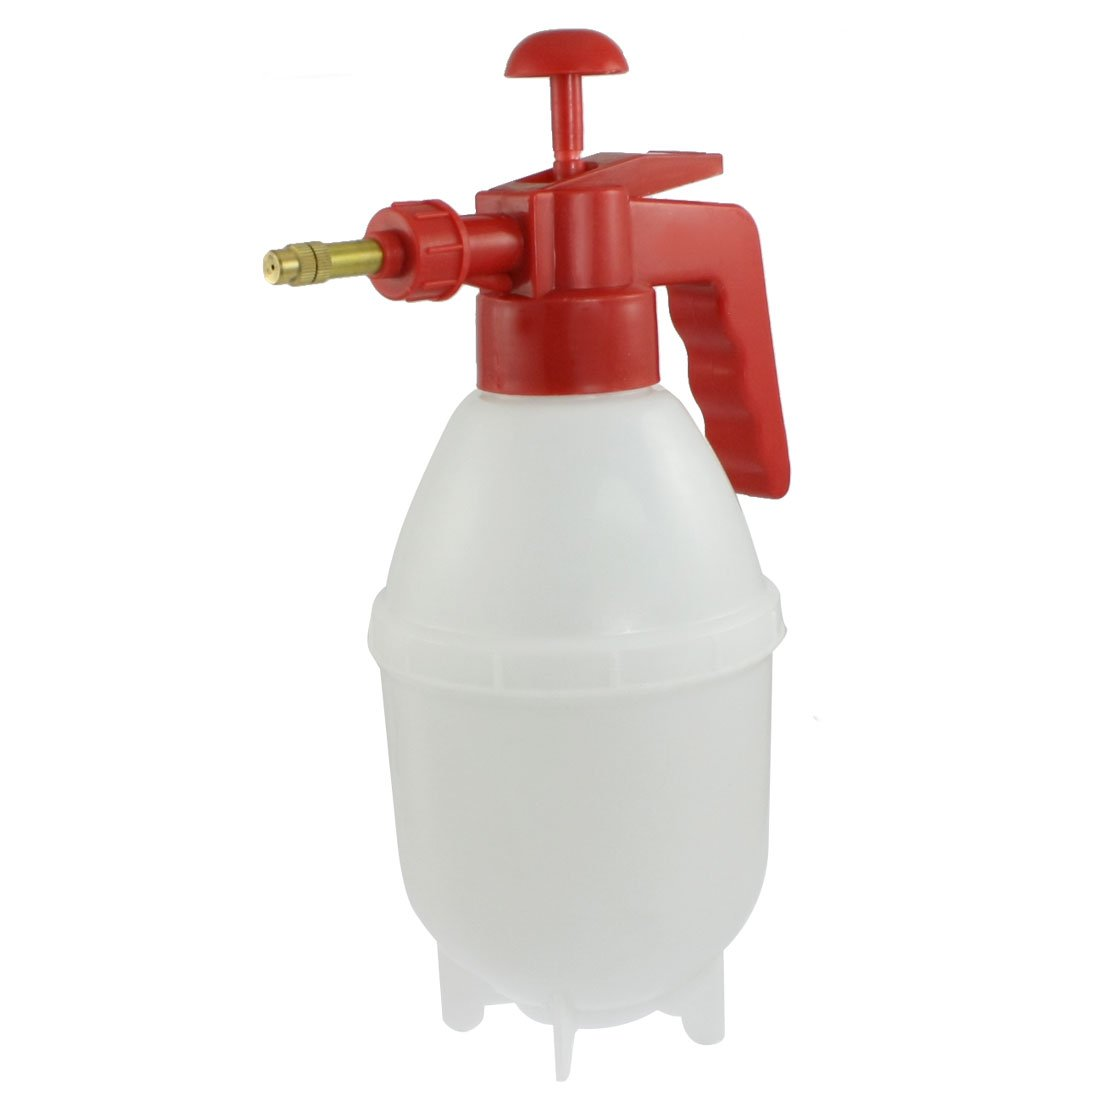 Punho vermelho Branco Corpo de Plástico frasco de Spray Garrafa de Água Pulverizador Pressurizado